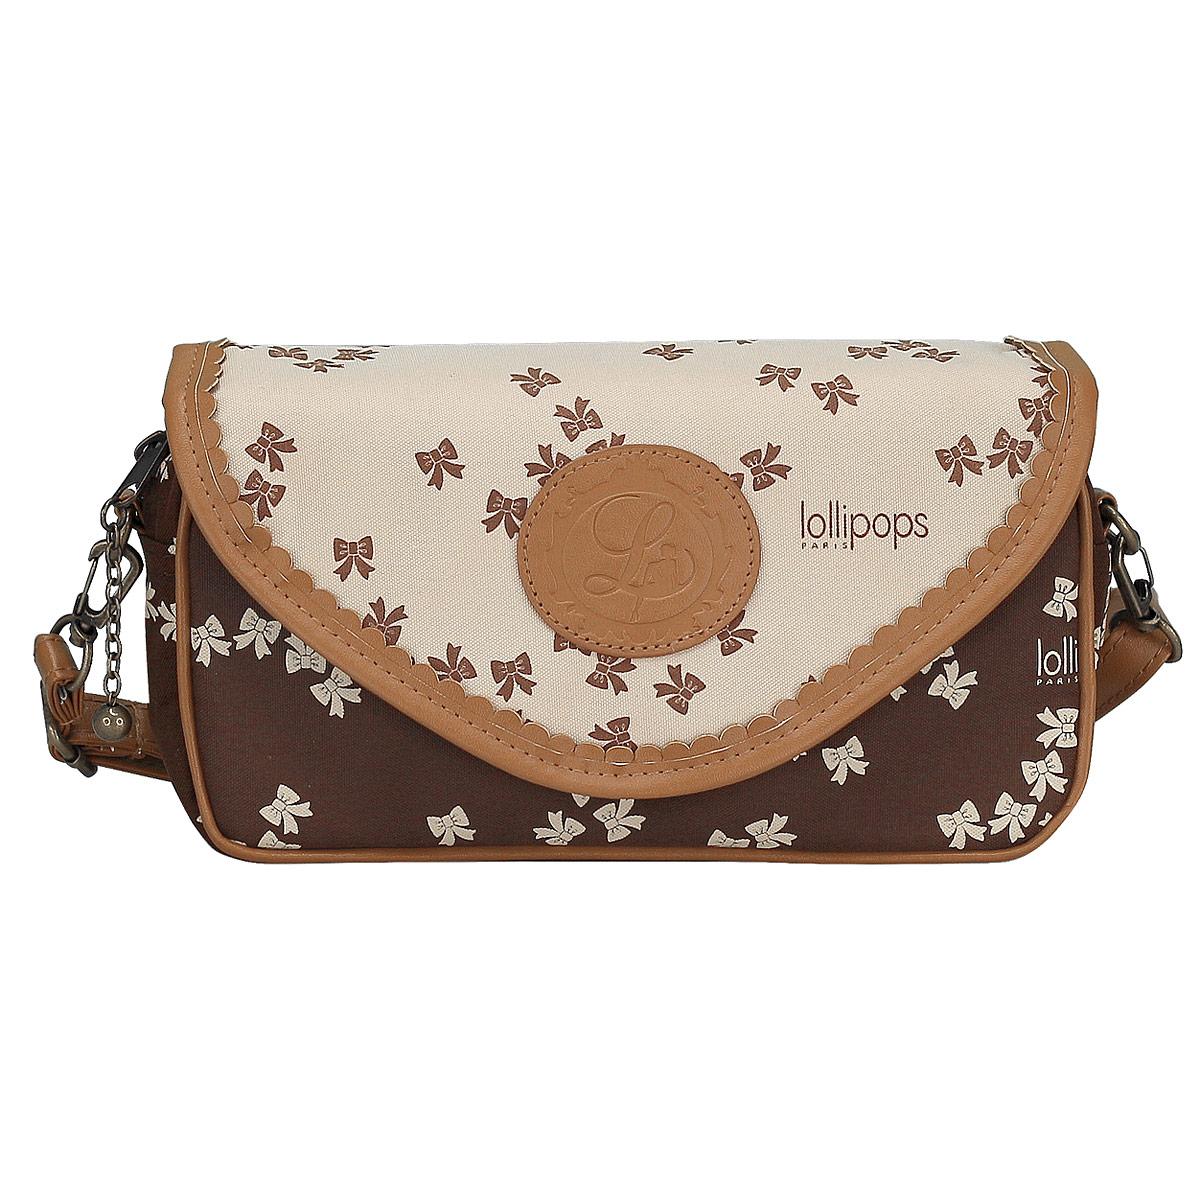 Сумка женская Lollipops, цвет: коричневый, бежевый. LLAB-RT1-5607LLAB-RT1-5607Мини-сумочки остаются одним из самых актуальных трендов, они безупречно дополняют повседневные, вечерние и деловые наряды. Молодежная сумка-клатч - идеальная вещь, чтобы держать все самое важное под рукой и оставаться элегантной. Женская мини-сумочка Lollipops состоит из одного отделения на молнии и дополнительно закрывается клапаном на магнитном замке. Отделка выполнена качественной подкладочной тканью. Лаконичная и компактная форма сумочки делает ее незаменимой деталью вашего образа. В комплект входит регулирующаяся по длине лямка. В отделке изделия гармонично сочетается практичность и изящество, что делает сумку оригинальным аксессуаром. Размеры: 24 х 13 х 6 см.